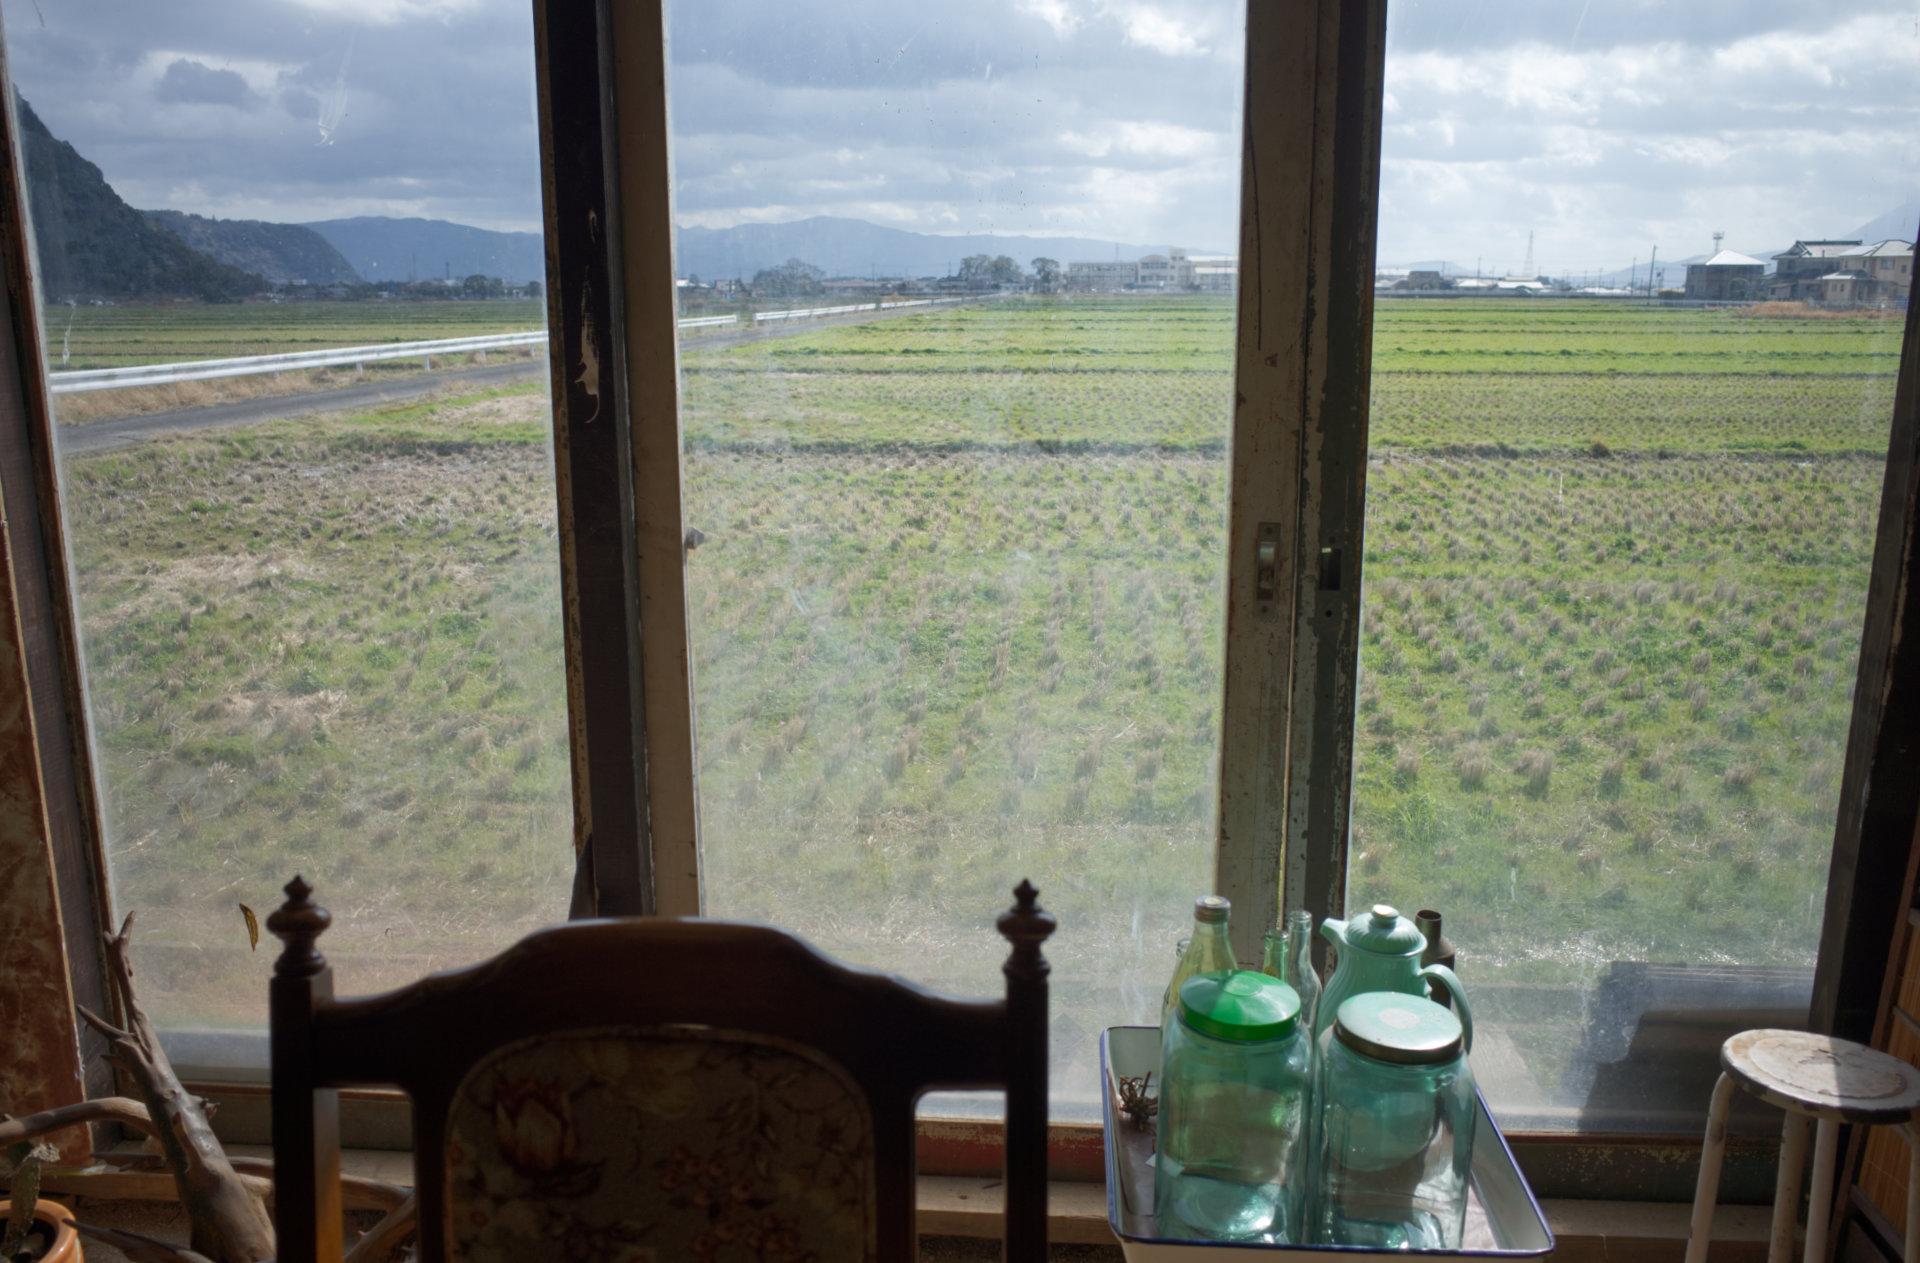 窓から見える田園風景「chichinpuipui cafe(ちちんぷいぷいカフェ)」霧島市国分上井